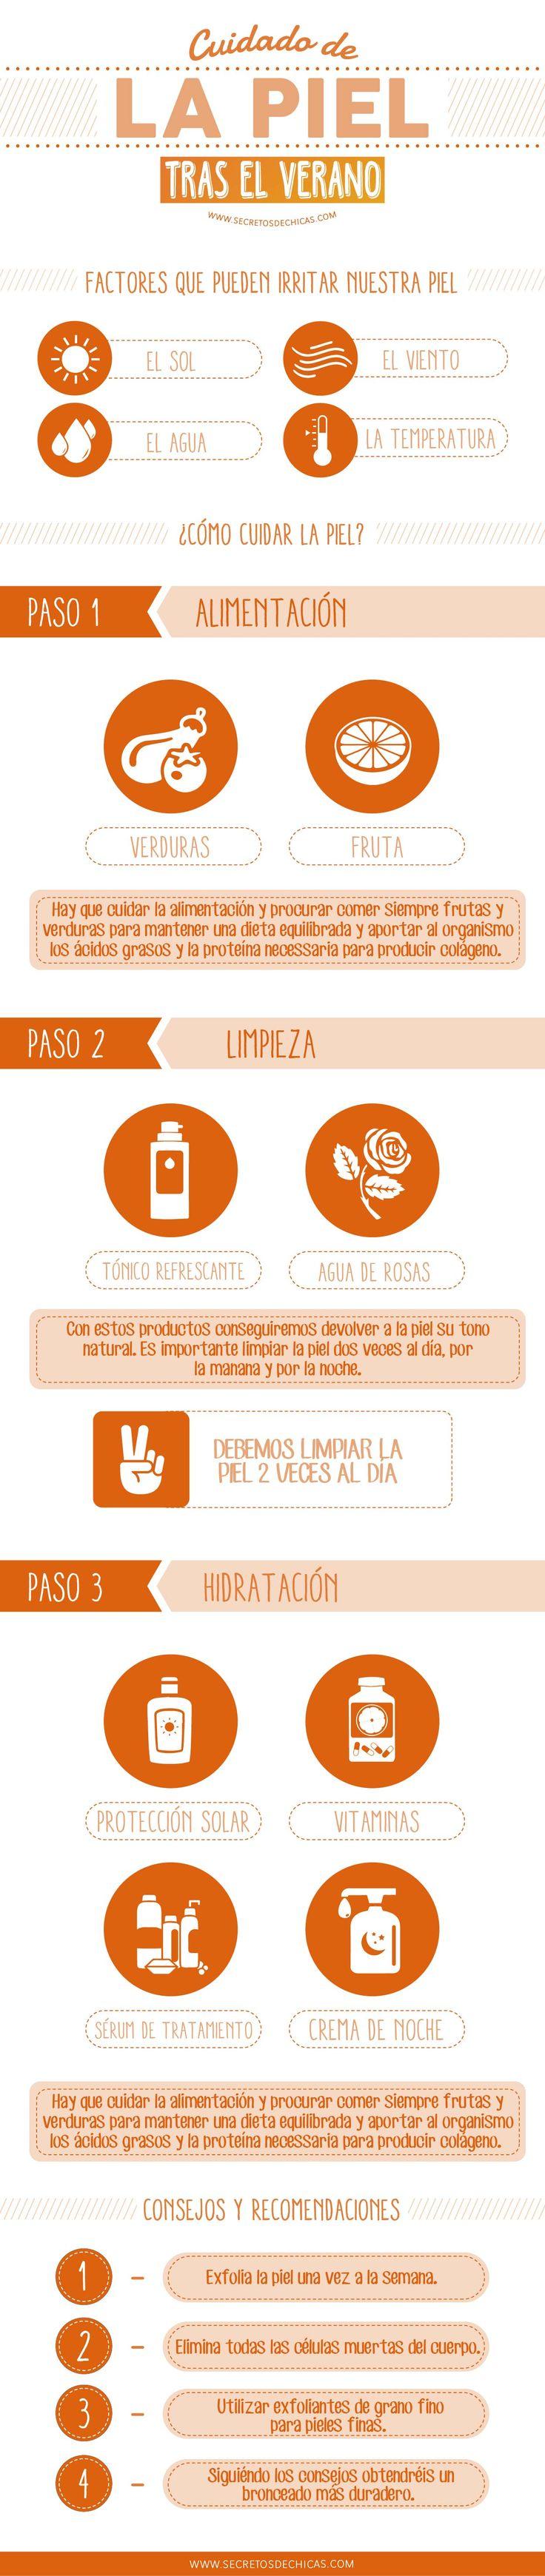 Cuidado piel después del verano http://www.secretosdechicas.es/2014/9/5/90439/cuidado-de-la-piel-tras-el-verano-